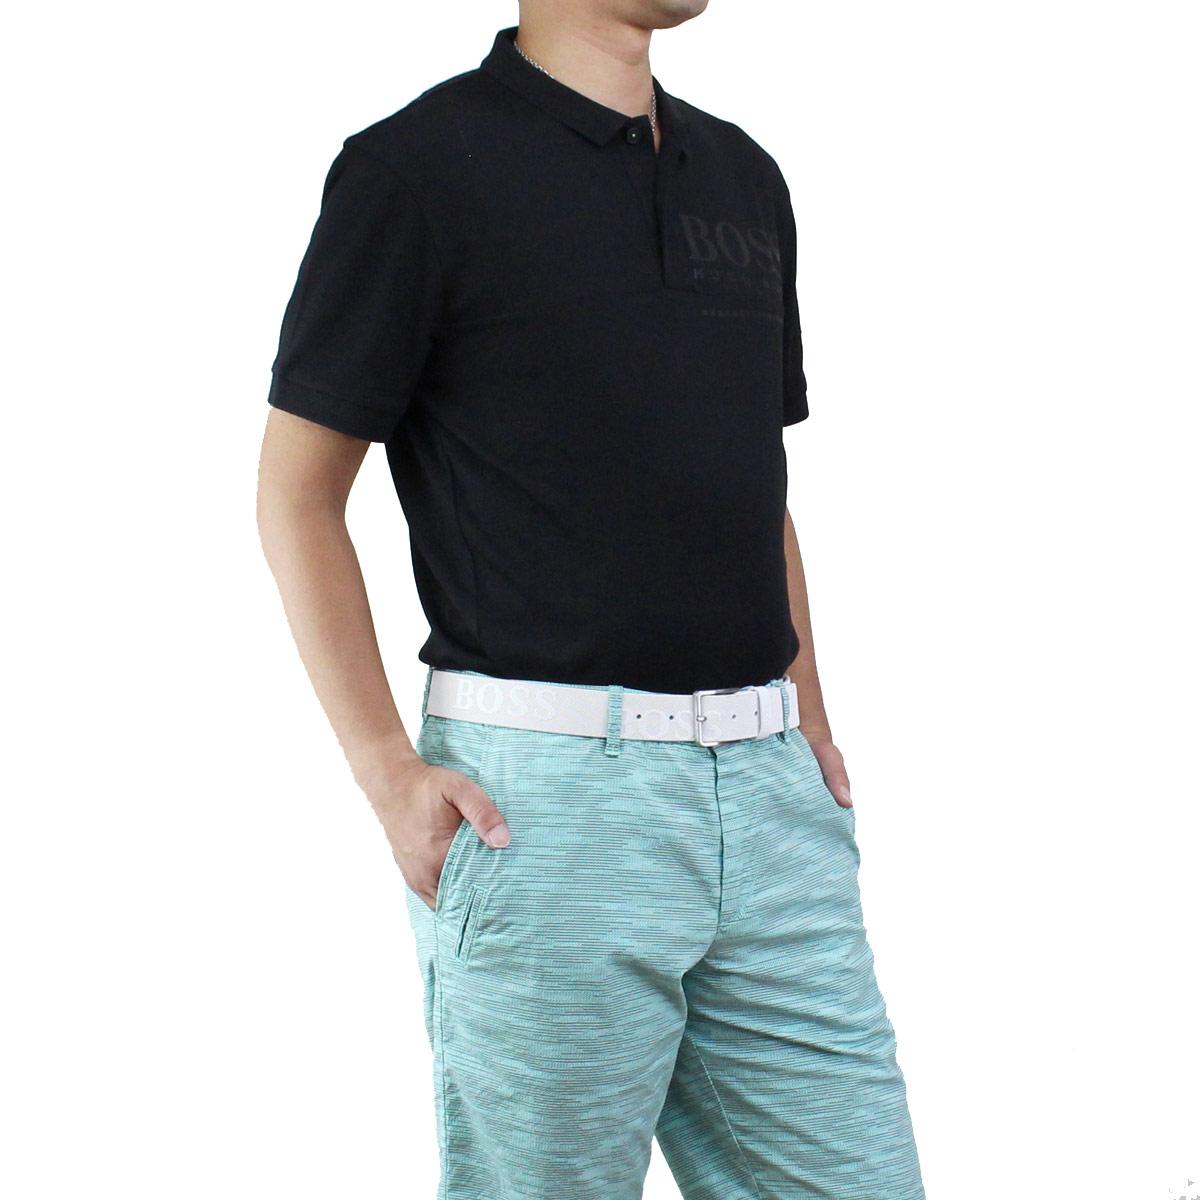 6cabd4b48 Bighit The total brand wholesale  Entering Hugo Boss HUGO BOSS PL-TECH men  logo polo shirt short sleeves golf wear 50399317 10208645 001 black